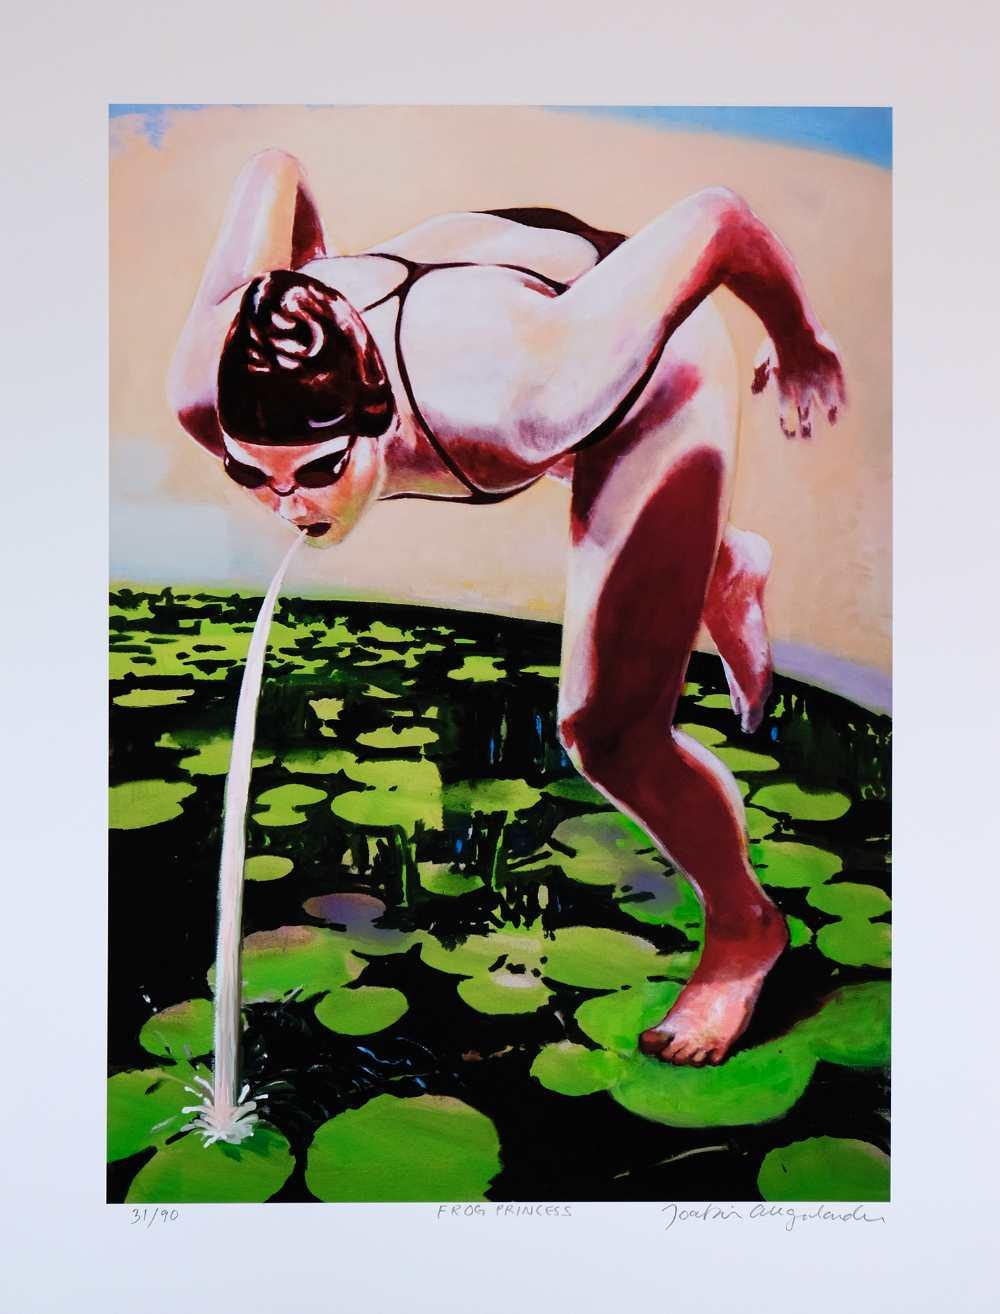 Joakim Allgulander - Frog Princess